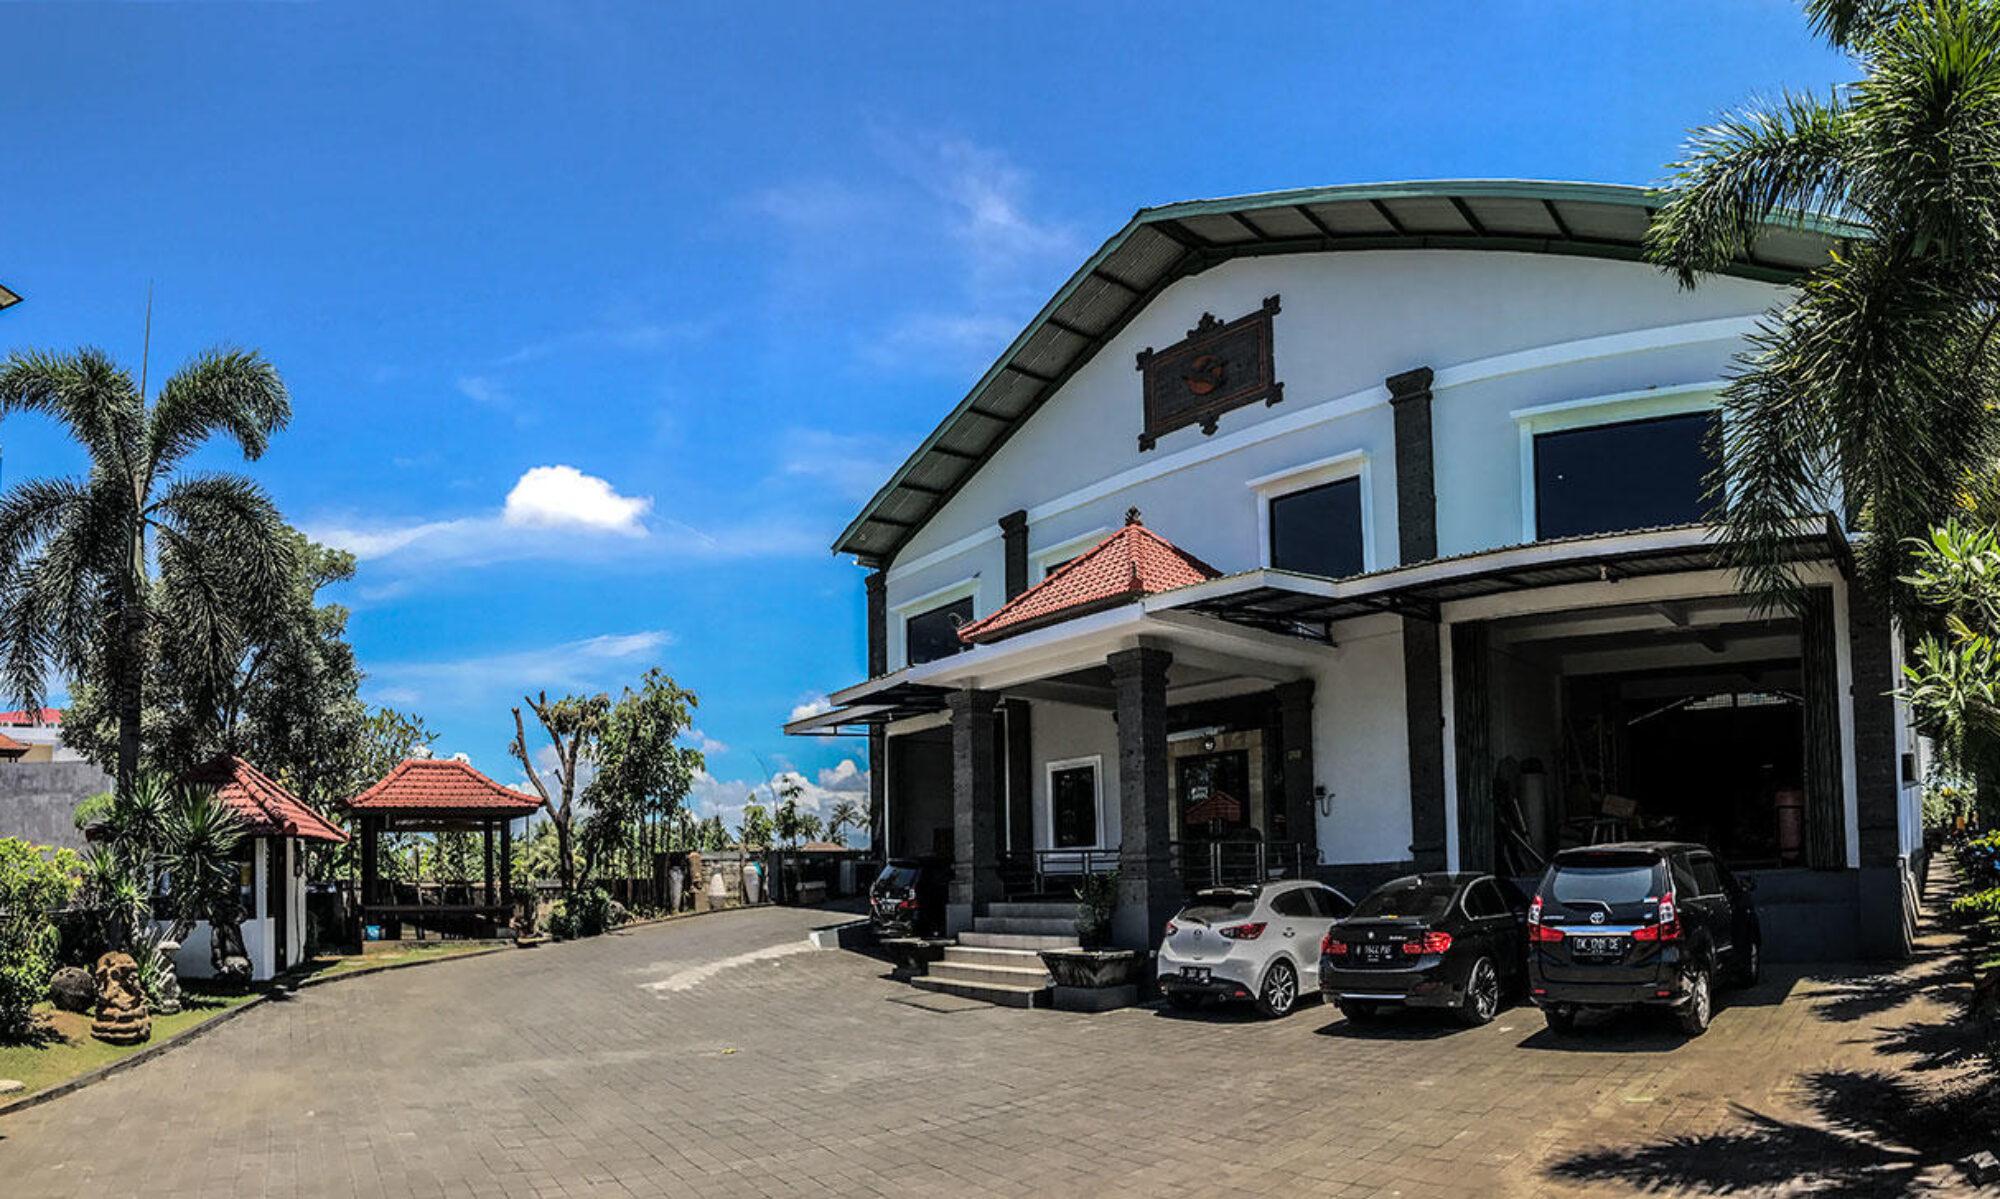 Bali Cargo | Bali Freight Forwarder